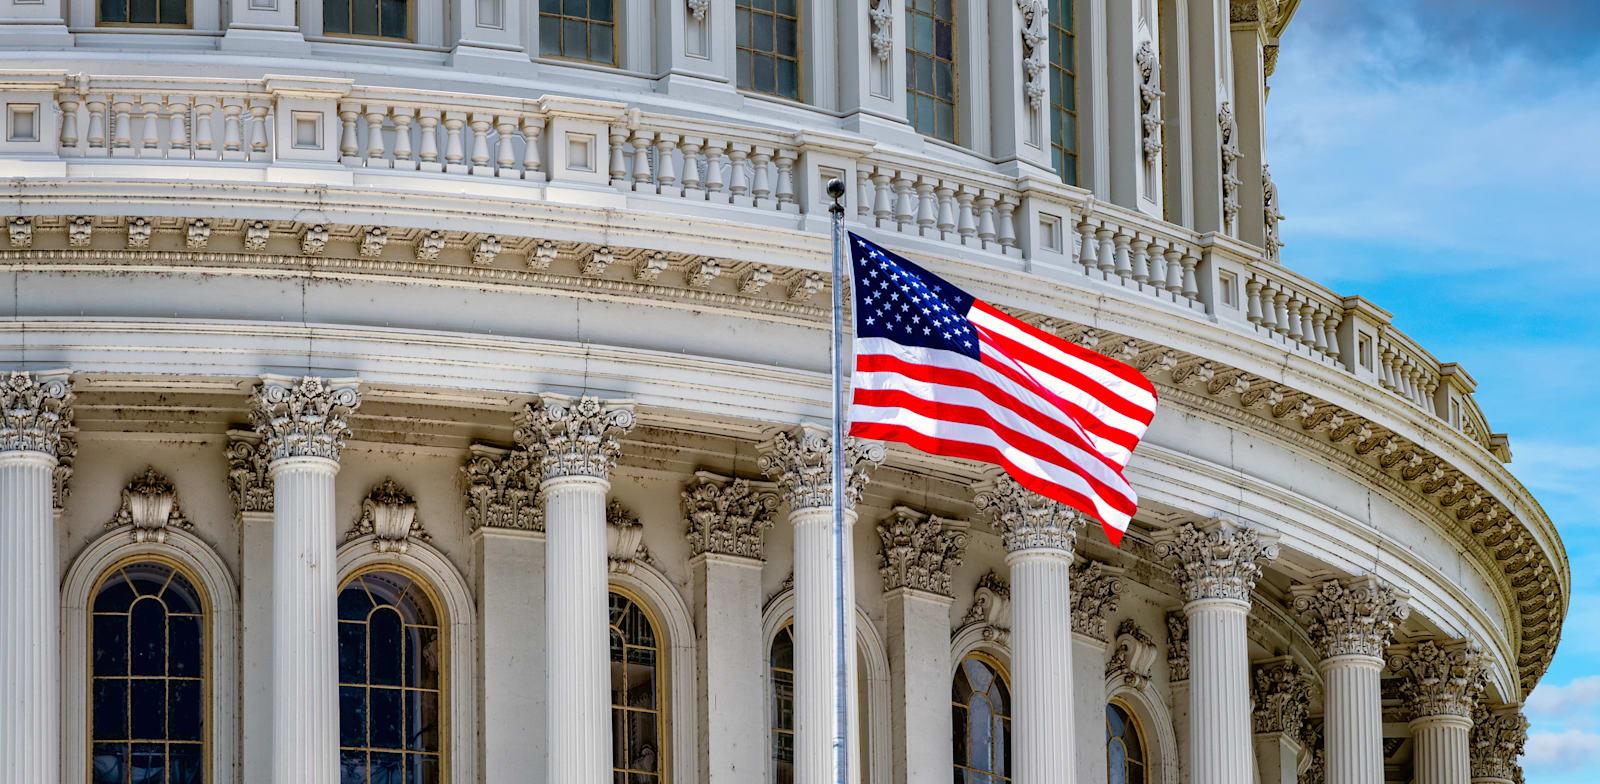 בניין הקפיטול בוושינגטון. תעשיית הקריפטו הופכת לכוח פוליטי / צילום: Shutterstock, Andrea Izzotti